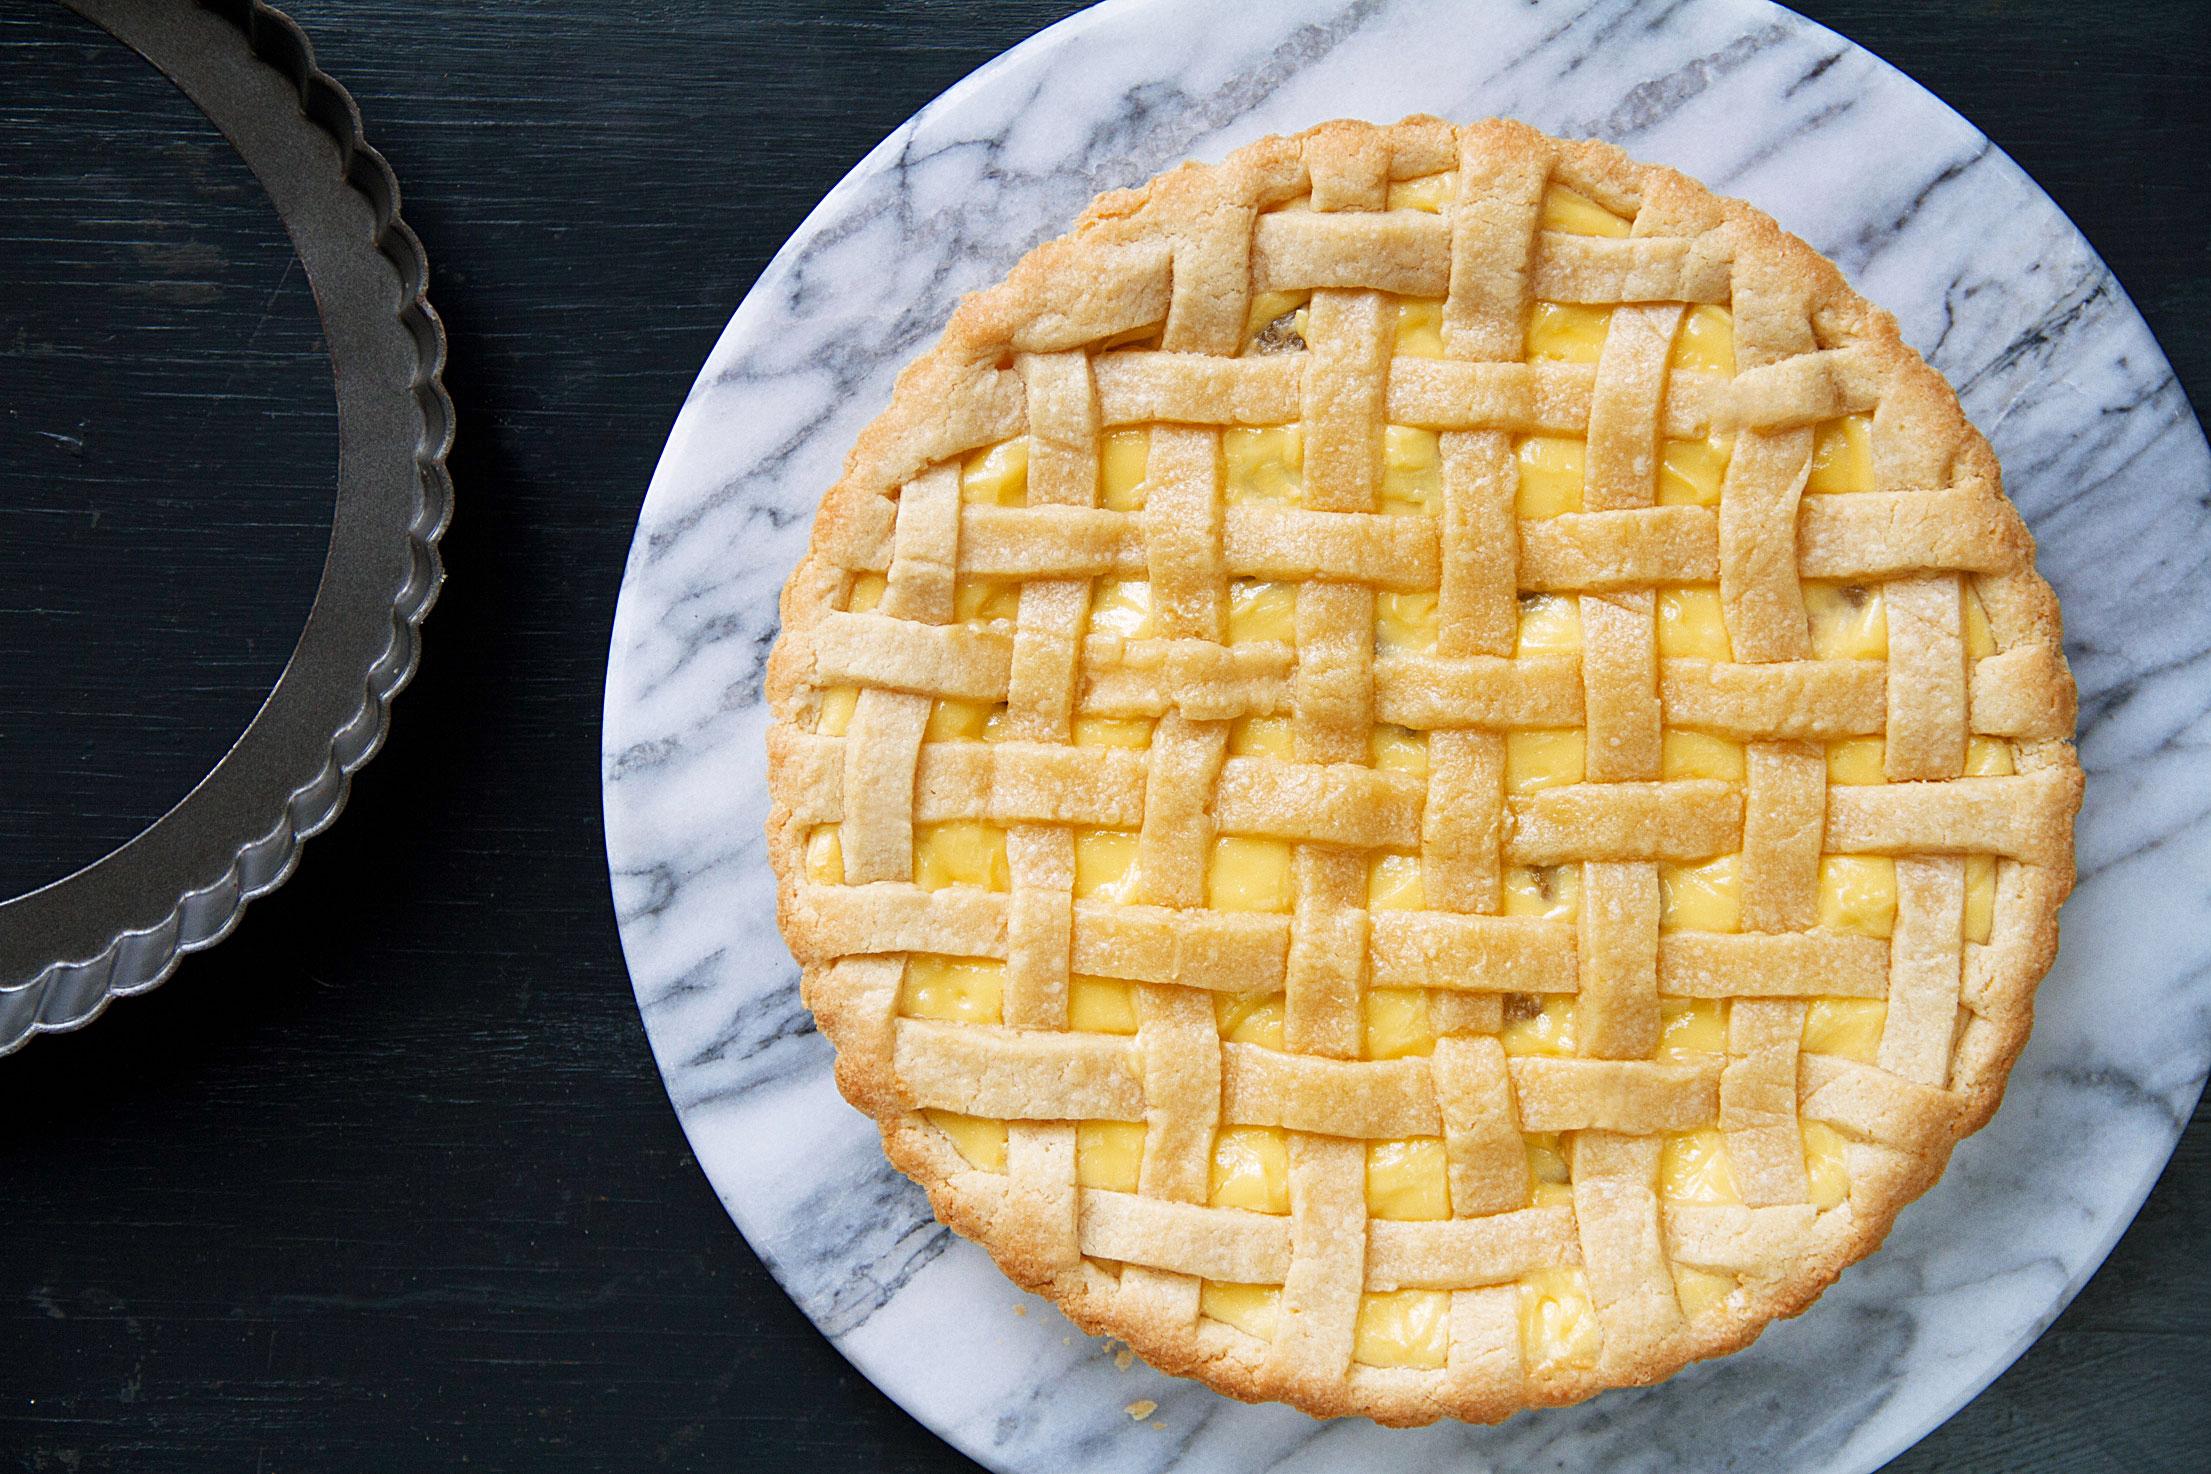 Raisin-Ricotta Crostata for Easter